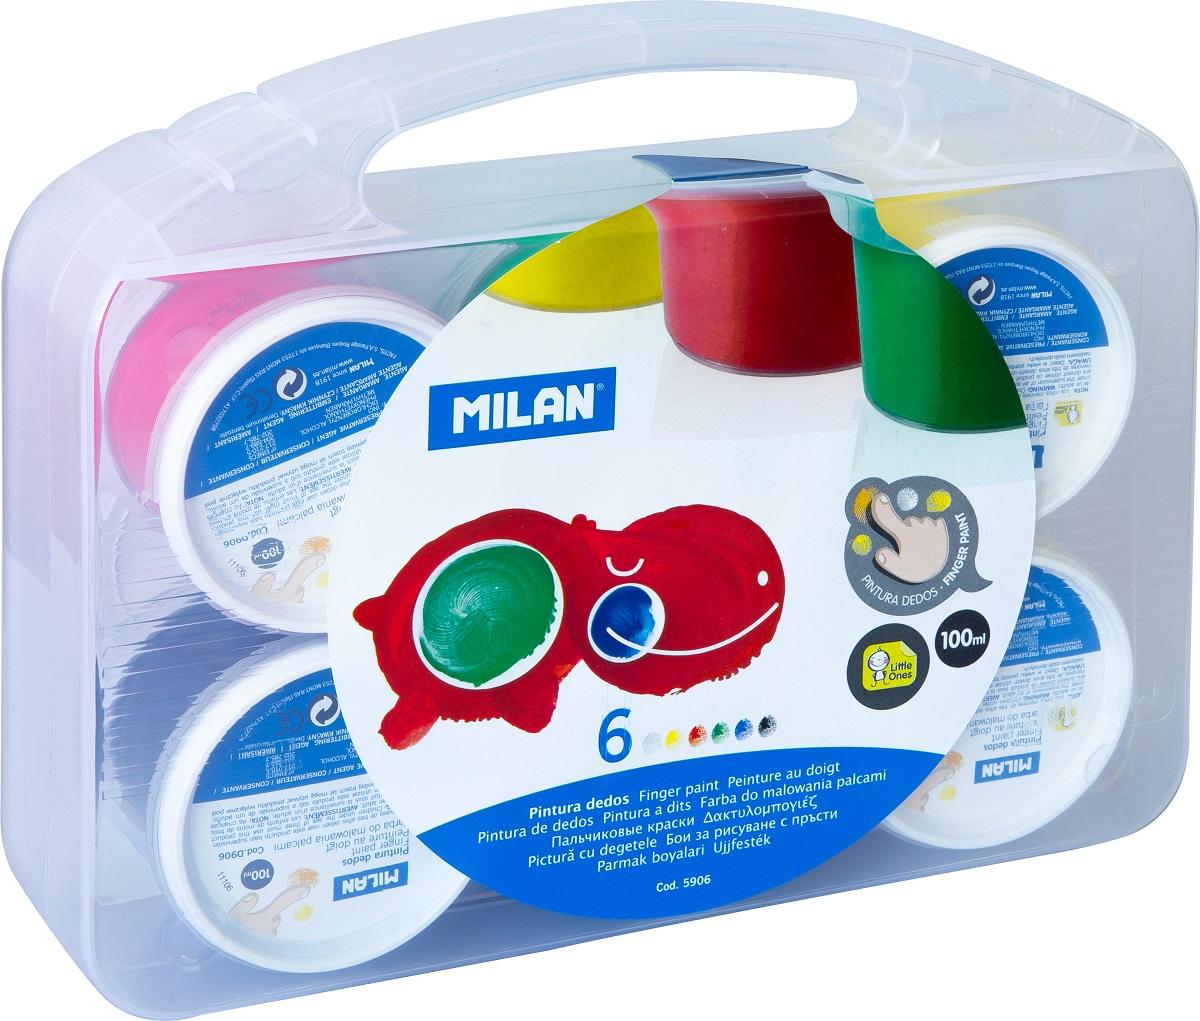 Milan Краска пальчиковая 6 цветов32306Пальчиковыми красками можно рисовать на бумаге и картоне, пальцами и ладошками, а также специальной кисточкой и спонжиками.В процессе рисования пальчиковыми красками ребенок научится различать и смешивать цвета, разовьет мелкую моторику и чувство осязания. Ребенок может рисовать мазки разной яркости, в зависимости от силы нажатия пальцев.Рисование пальчиковыми красками способствует раннему развитию творческих способностей.В упаковке краска шести цветов.